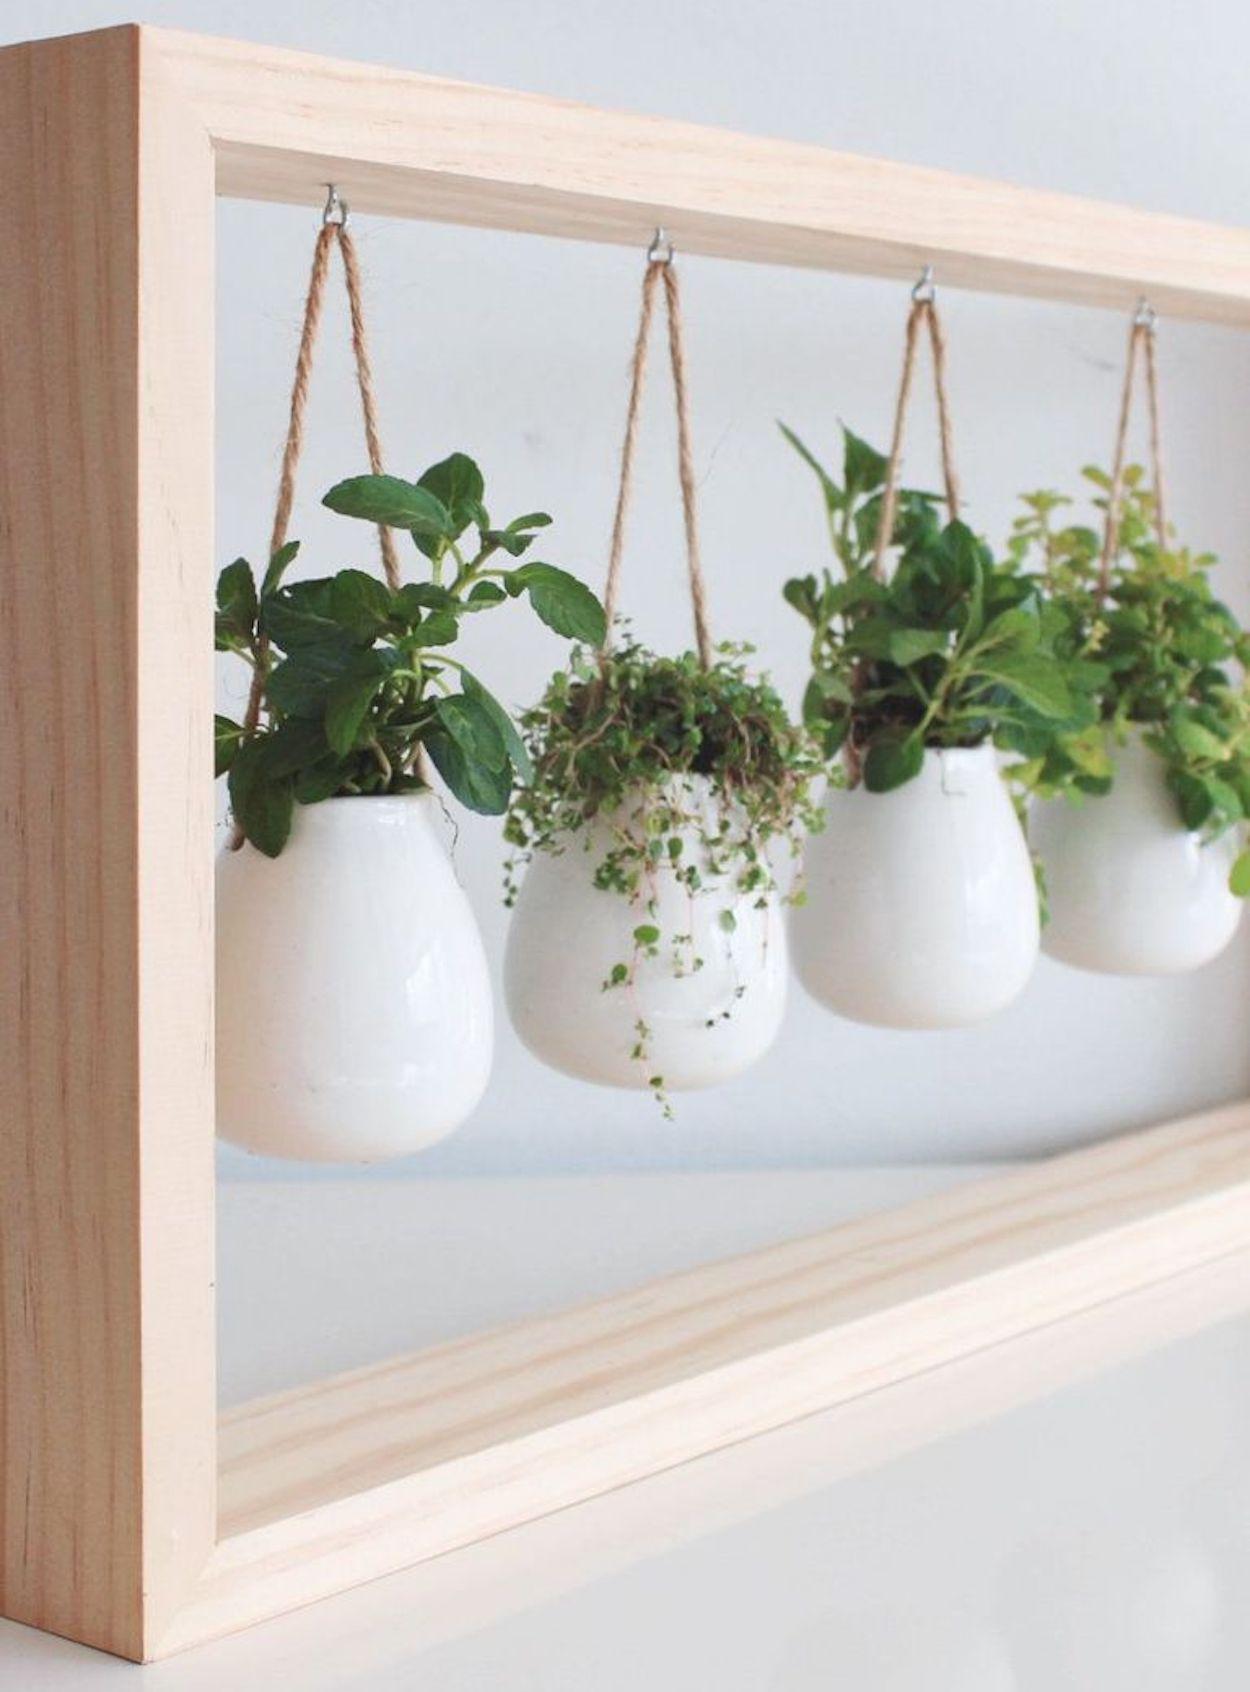 um quadro de plantas